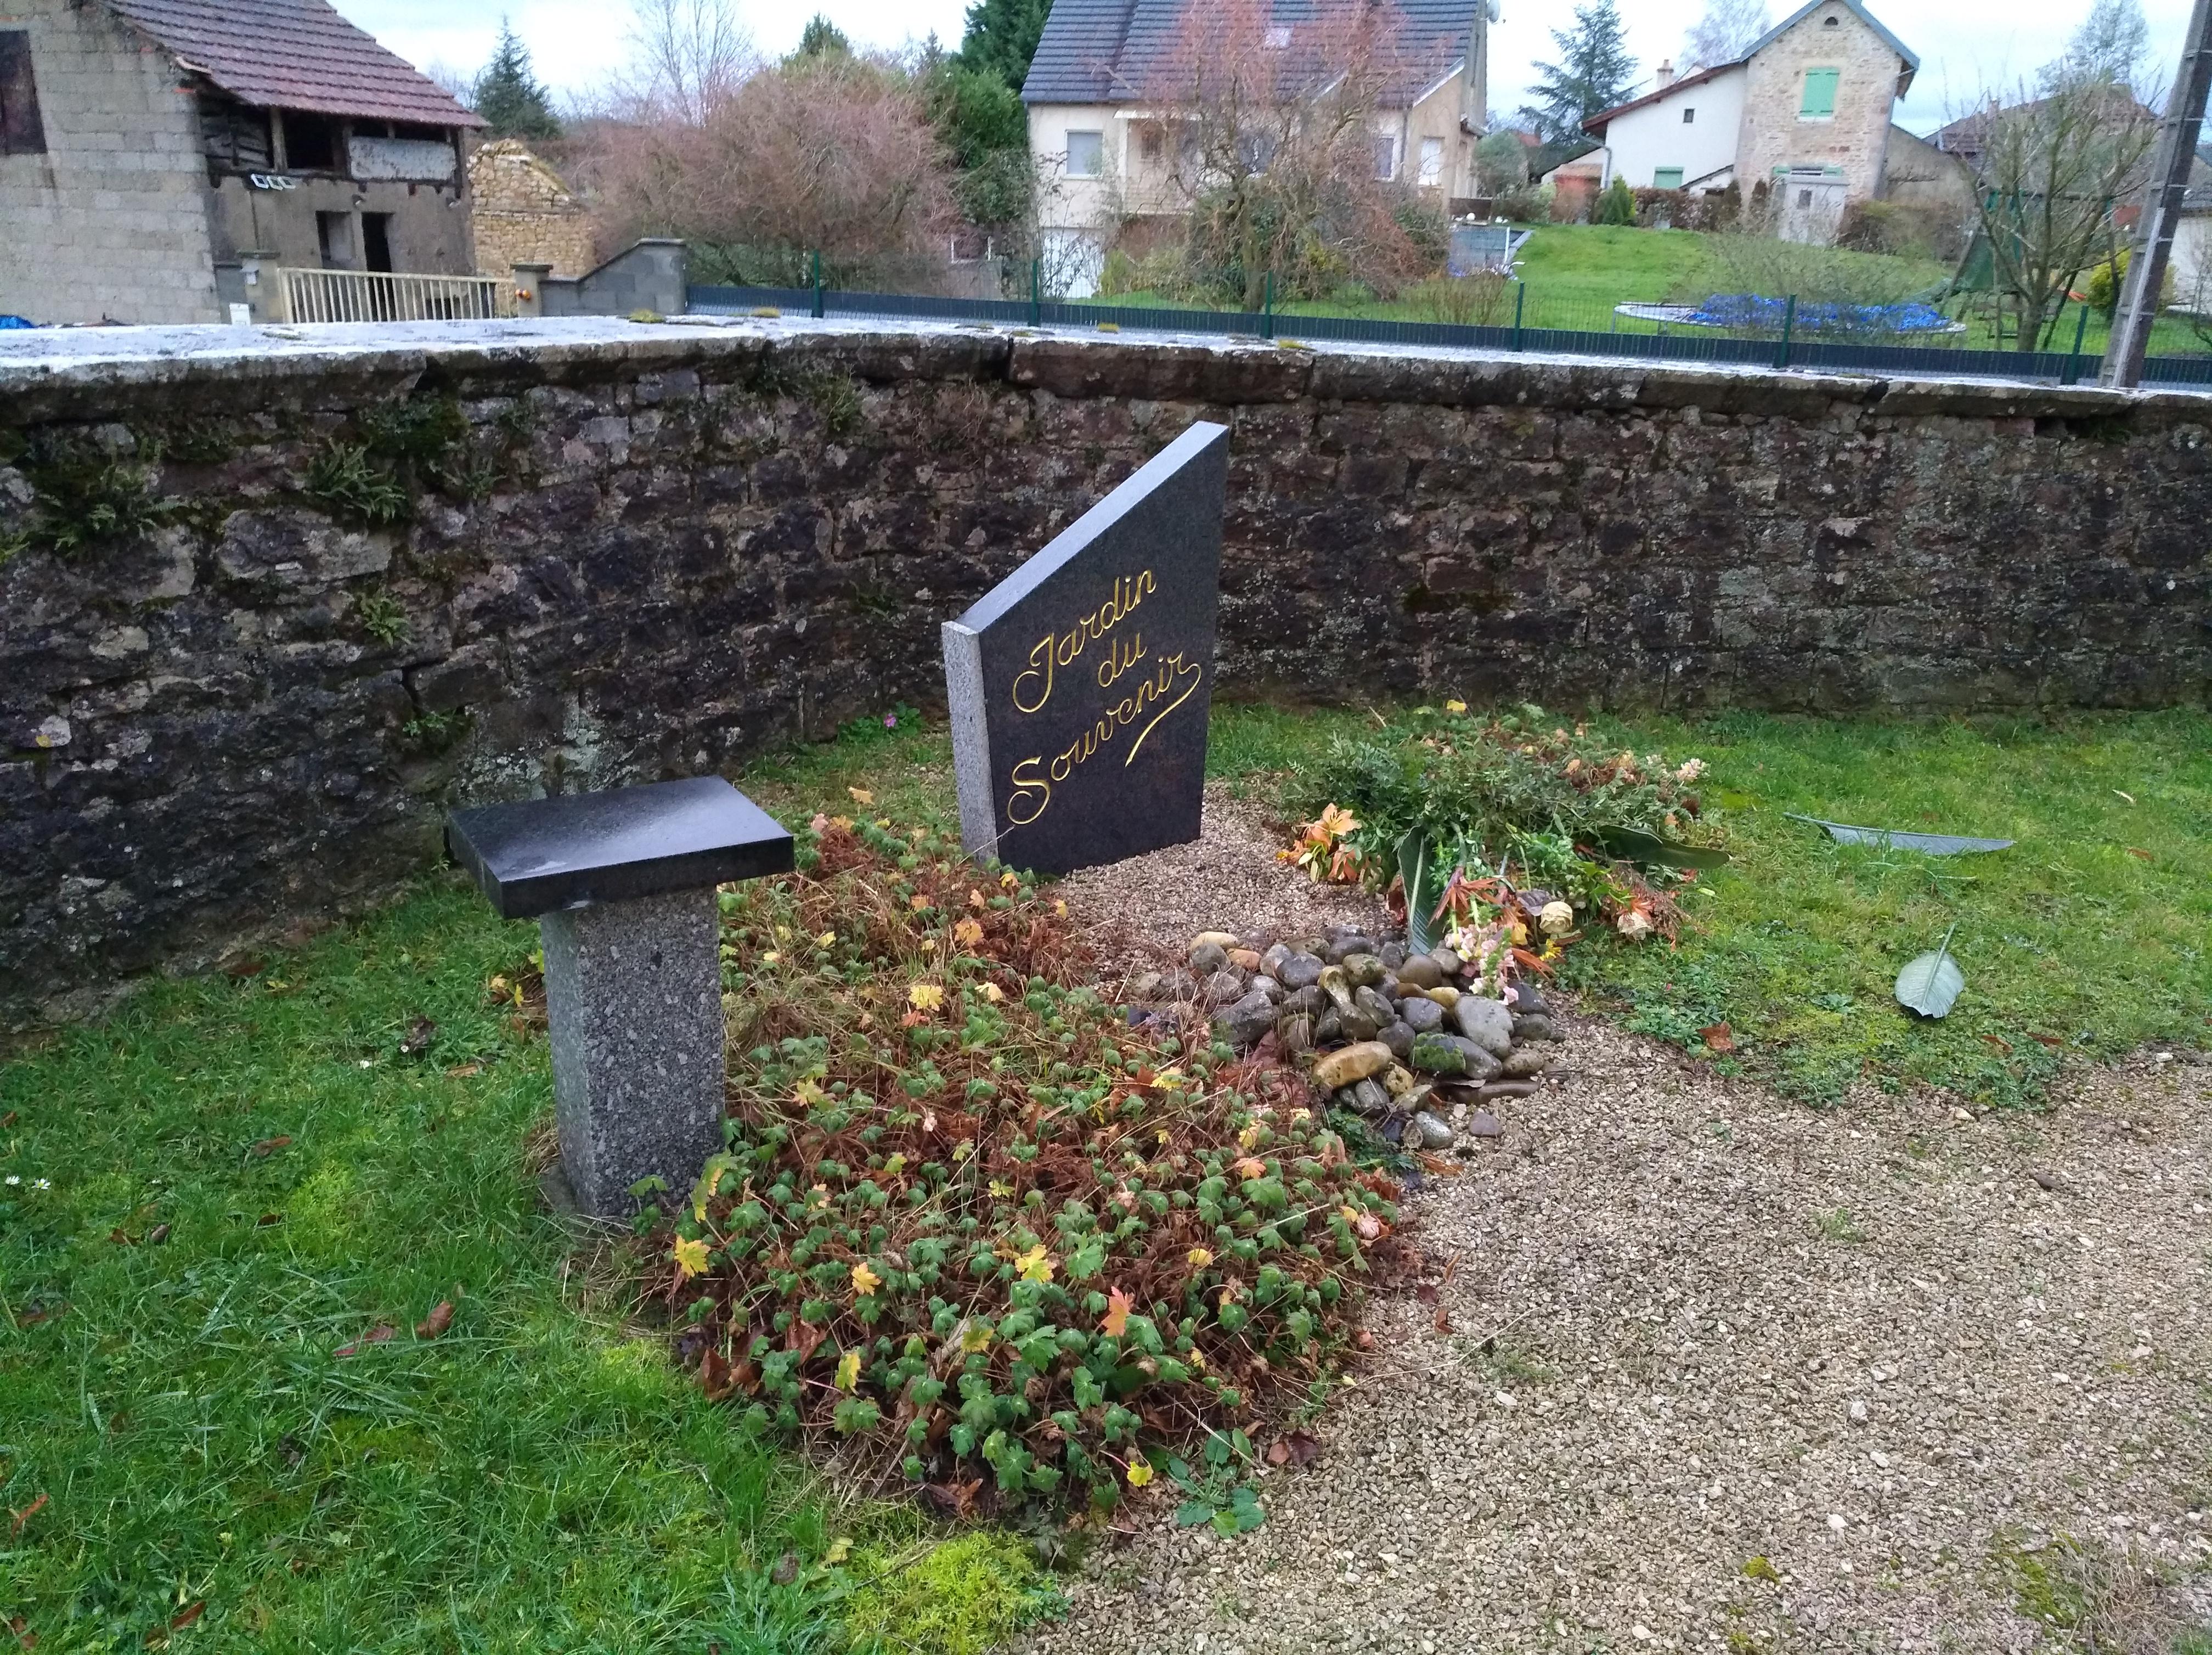 filecimetire de billey jardin du souvenirjpg - Jardin Du Souvenir